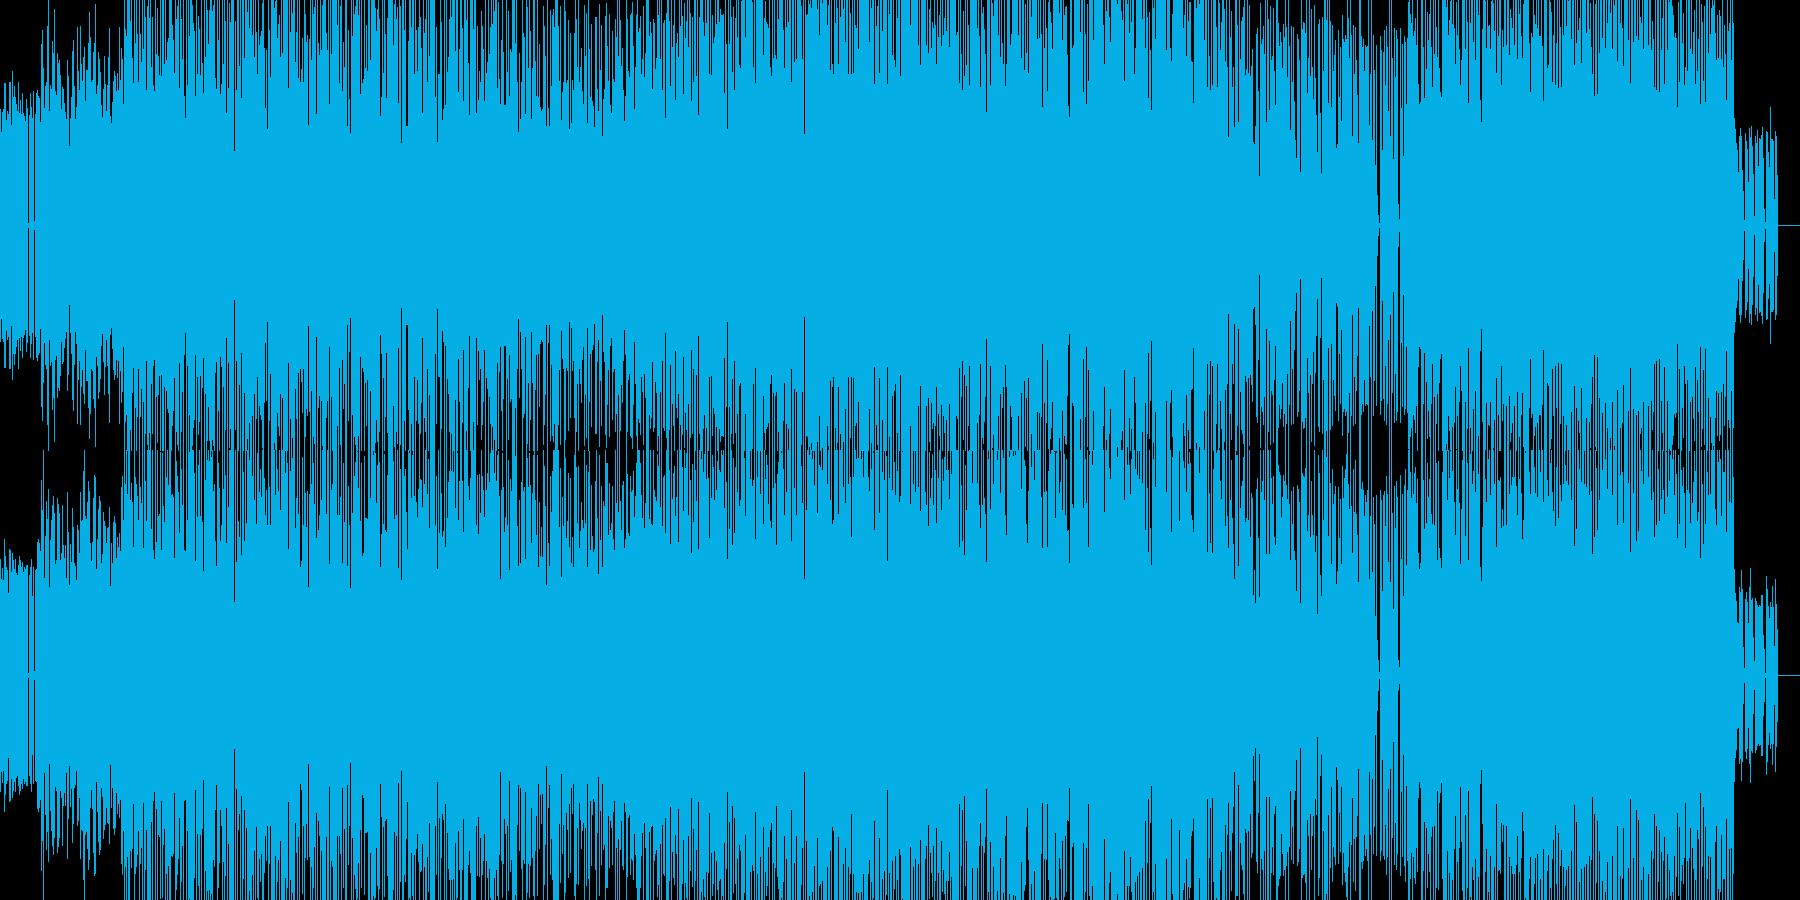 70年代フューチャーレトロファンクの再生済みの波形